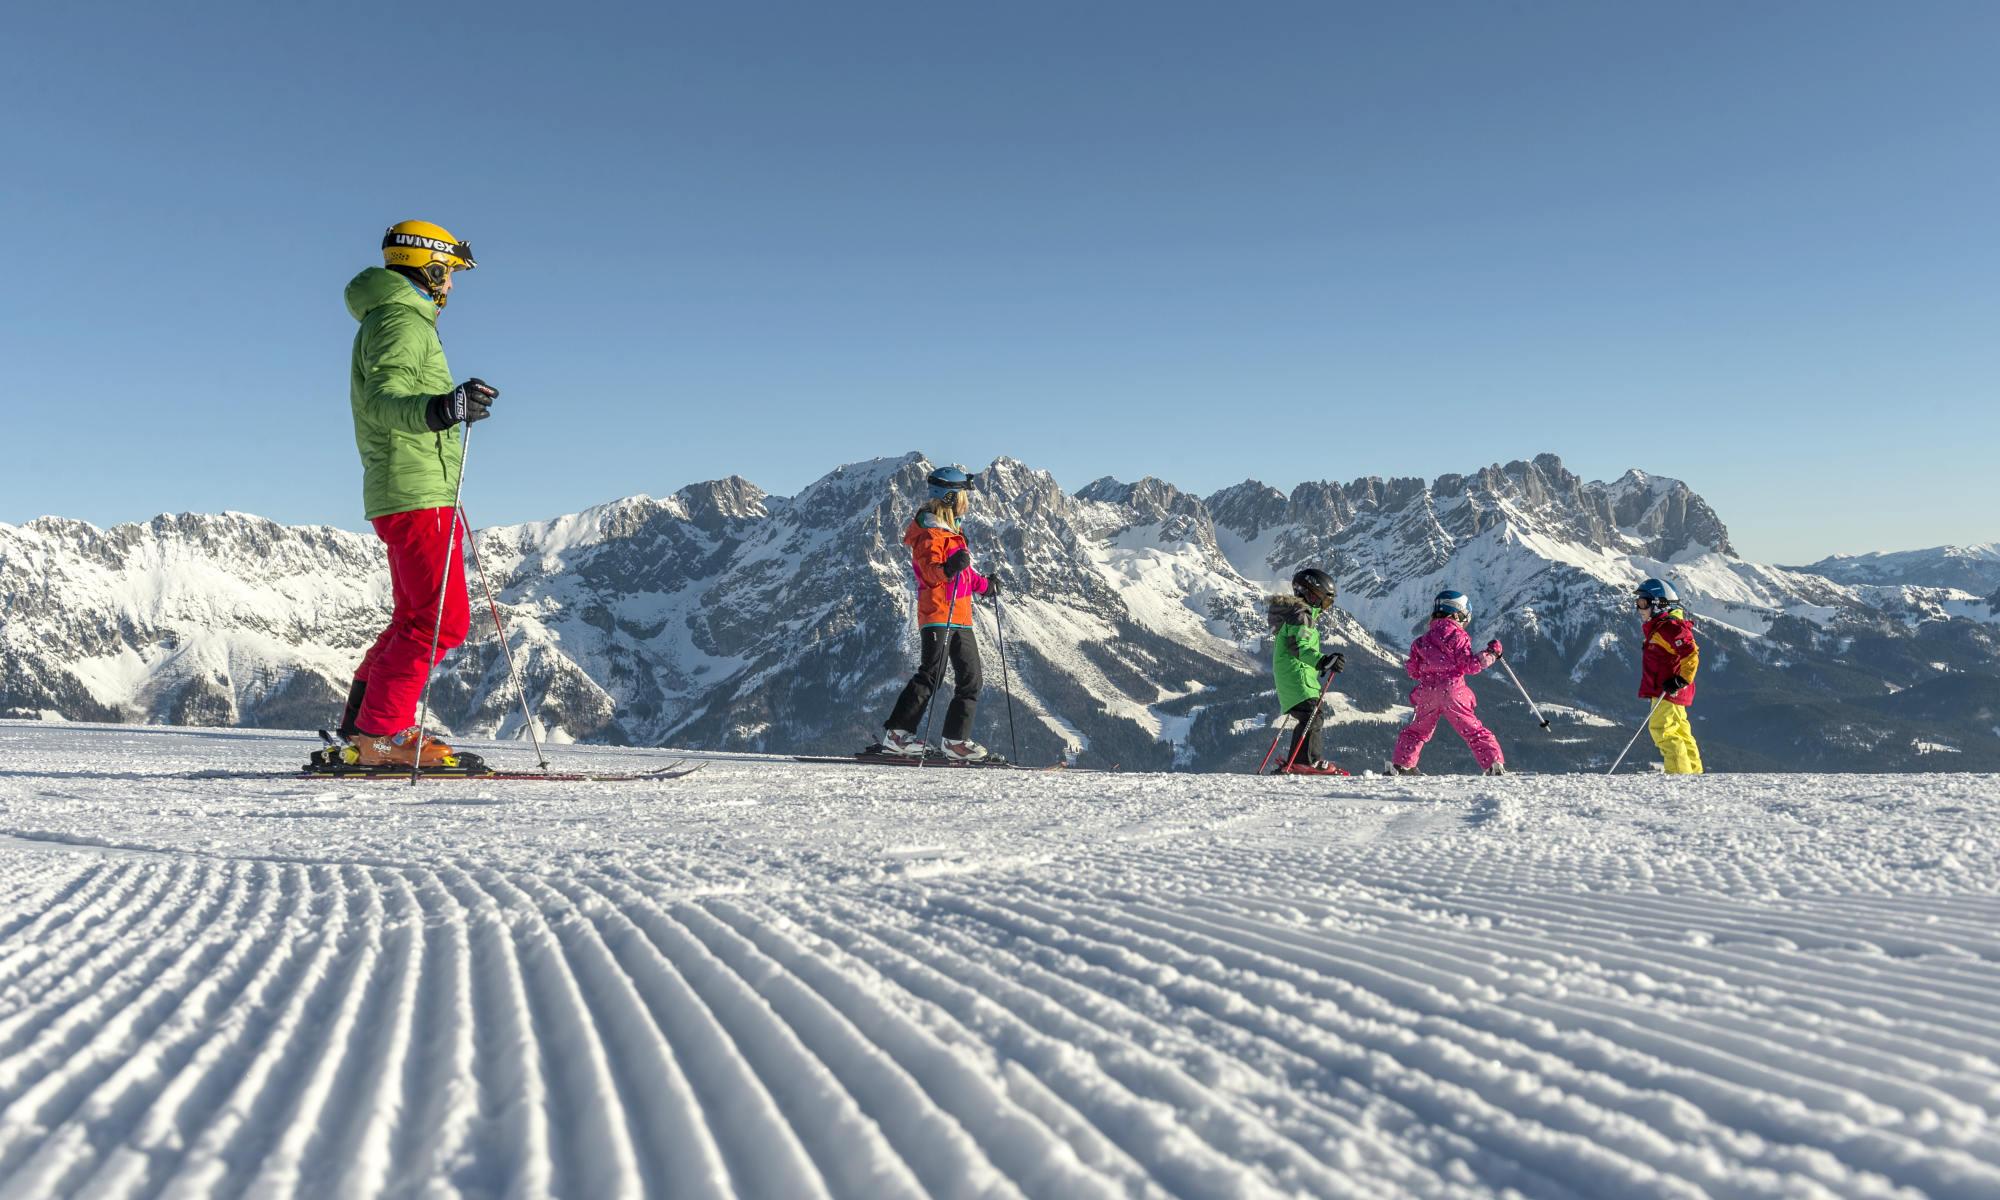 2 Erwachsene und 3 Kinder beim Skifahren in Going-Ellmau vor einer wunderschönen Bergkulisse.